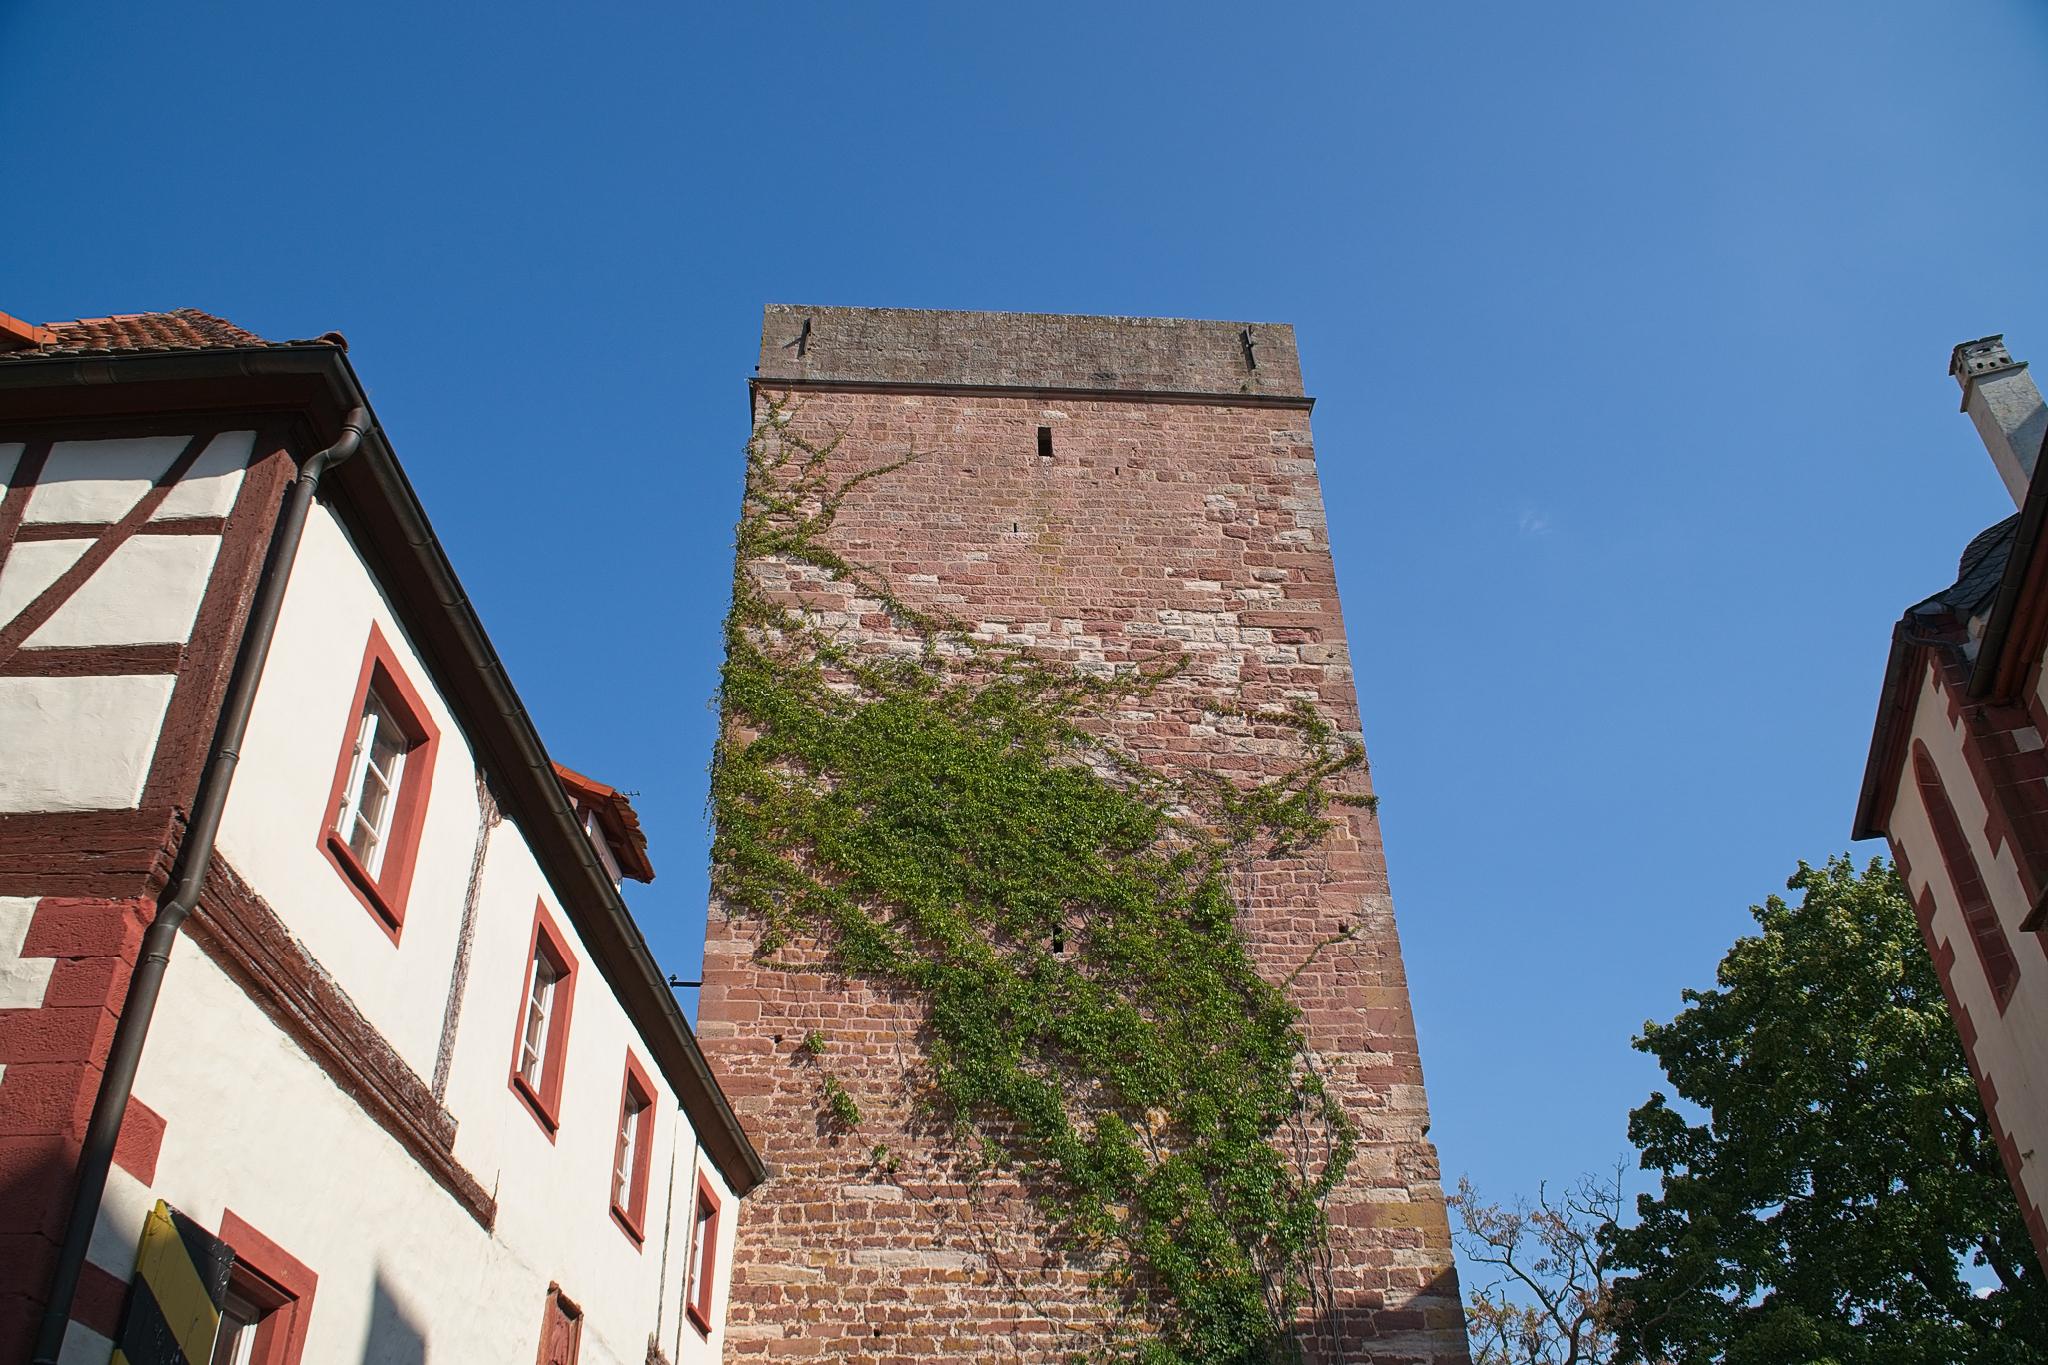 Wachturm aus Sandstein